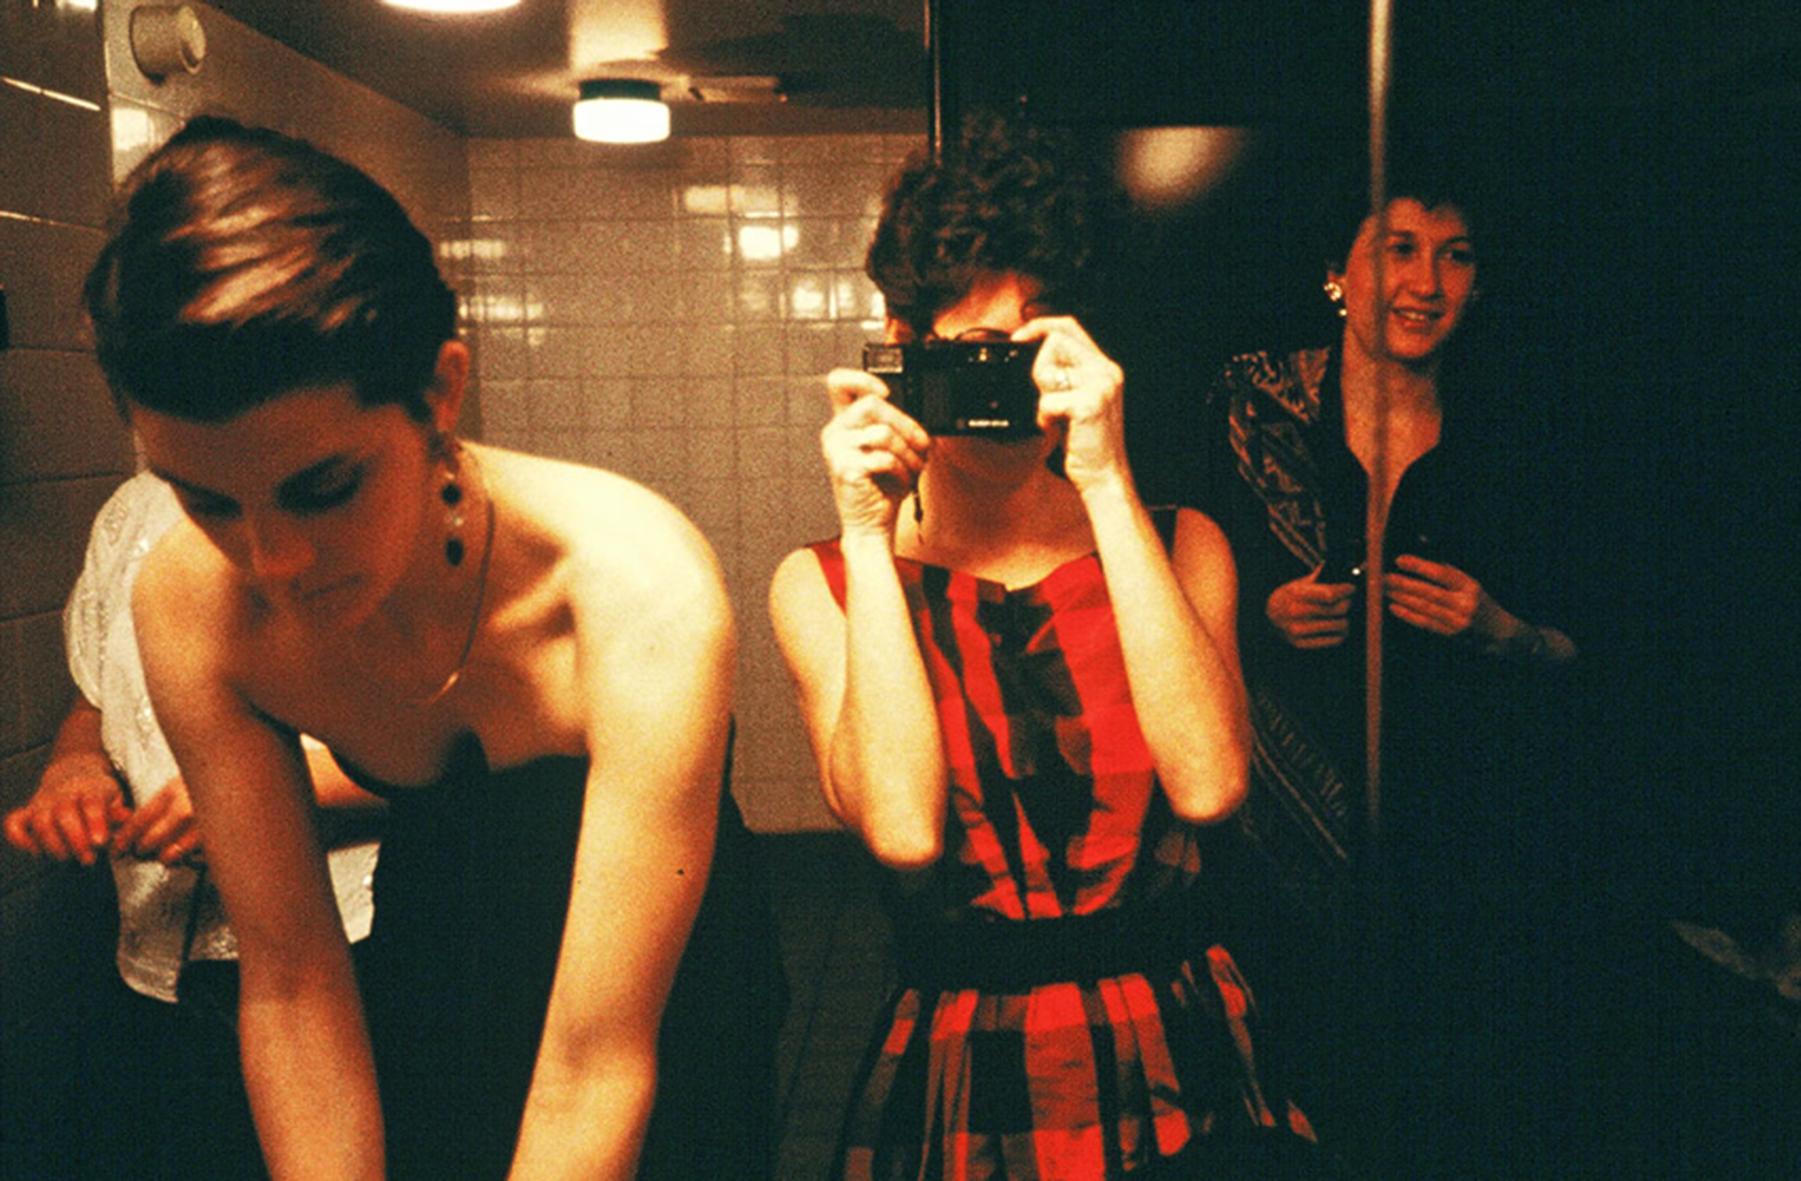 10 coisas que todo mundo faz no banheiro e que jamais deveria fazer